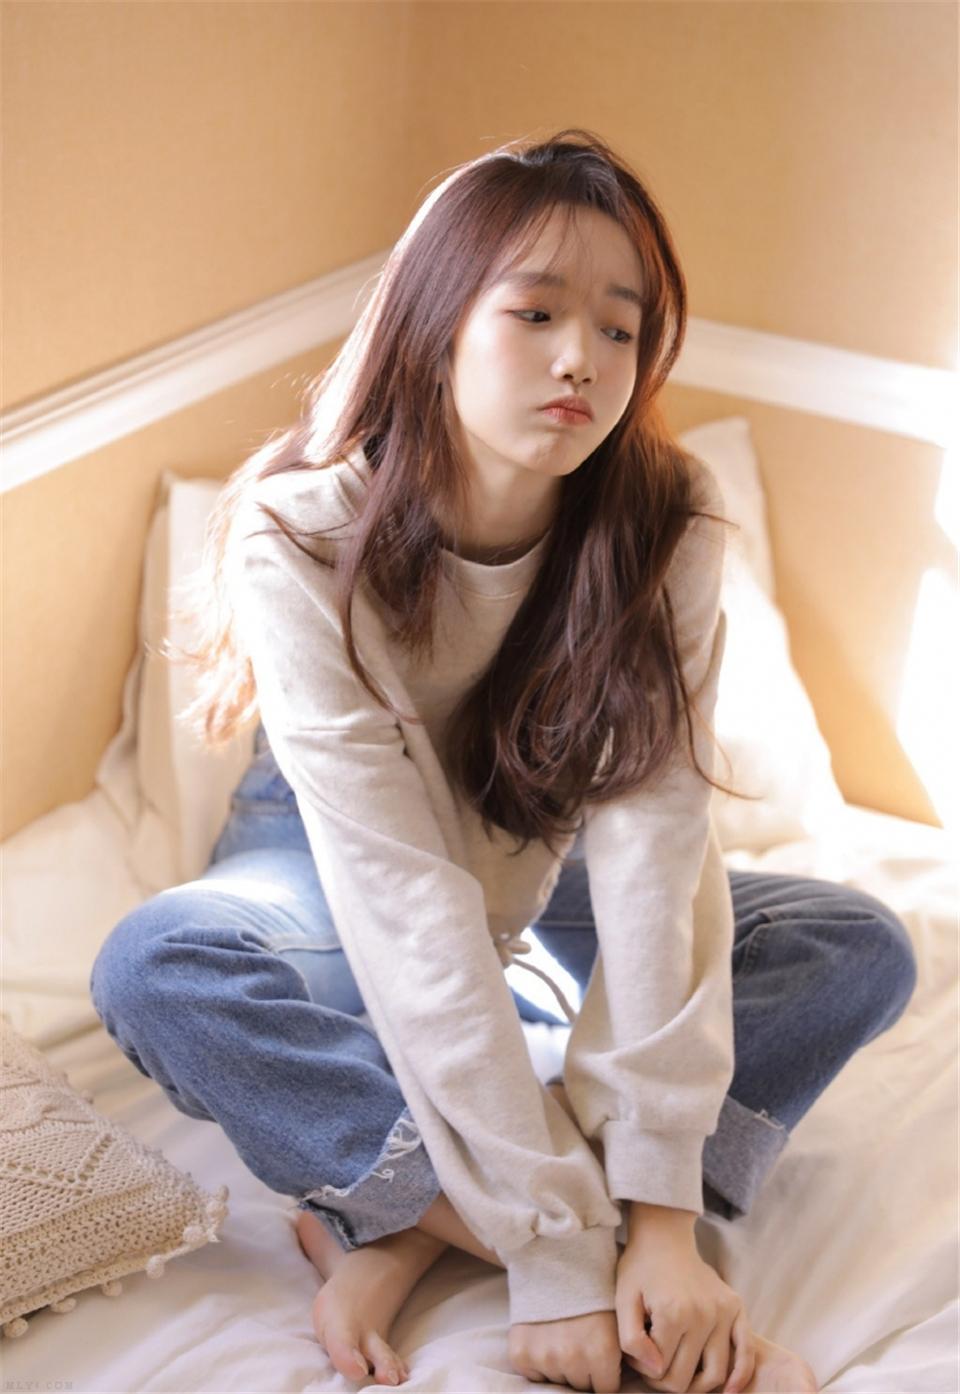 牛仔裤美女纤细小蛮腰床上写真